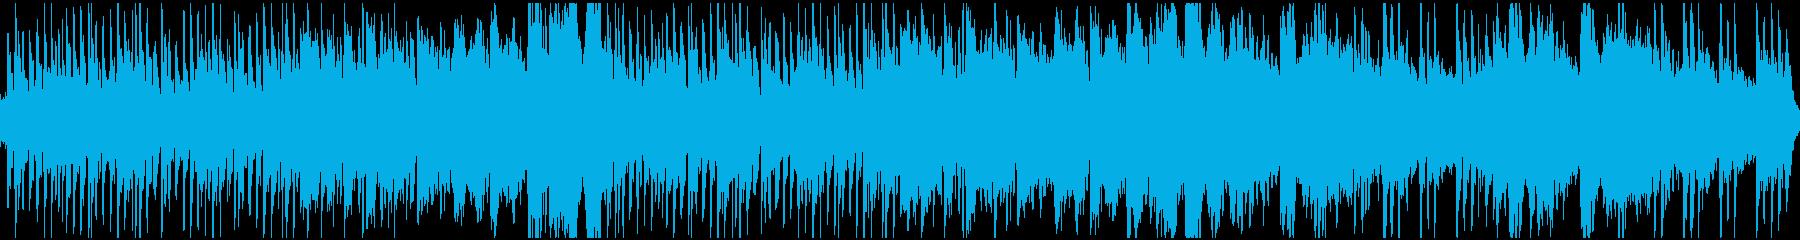 切ないゴシック&メルヘン・ループの再生済みの波形